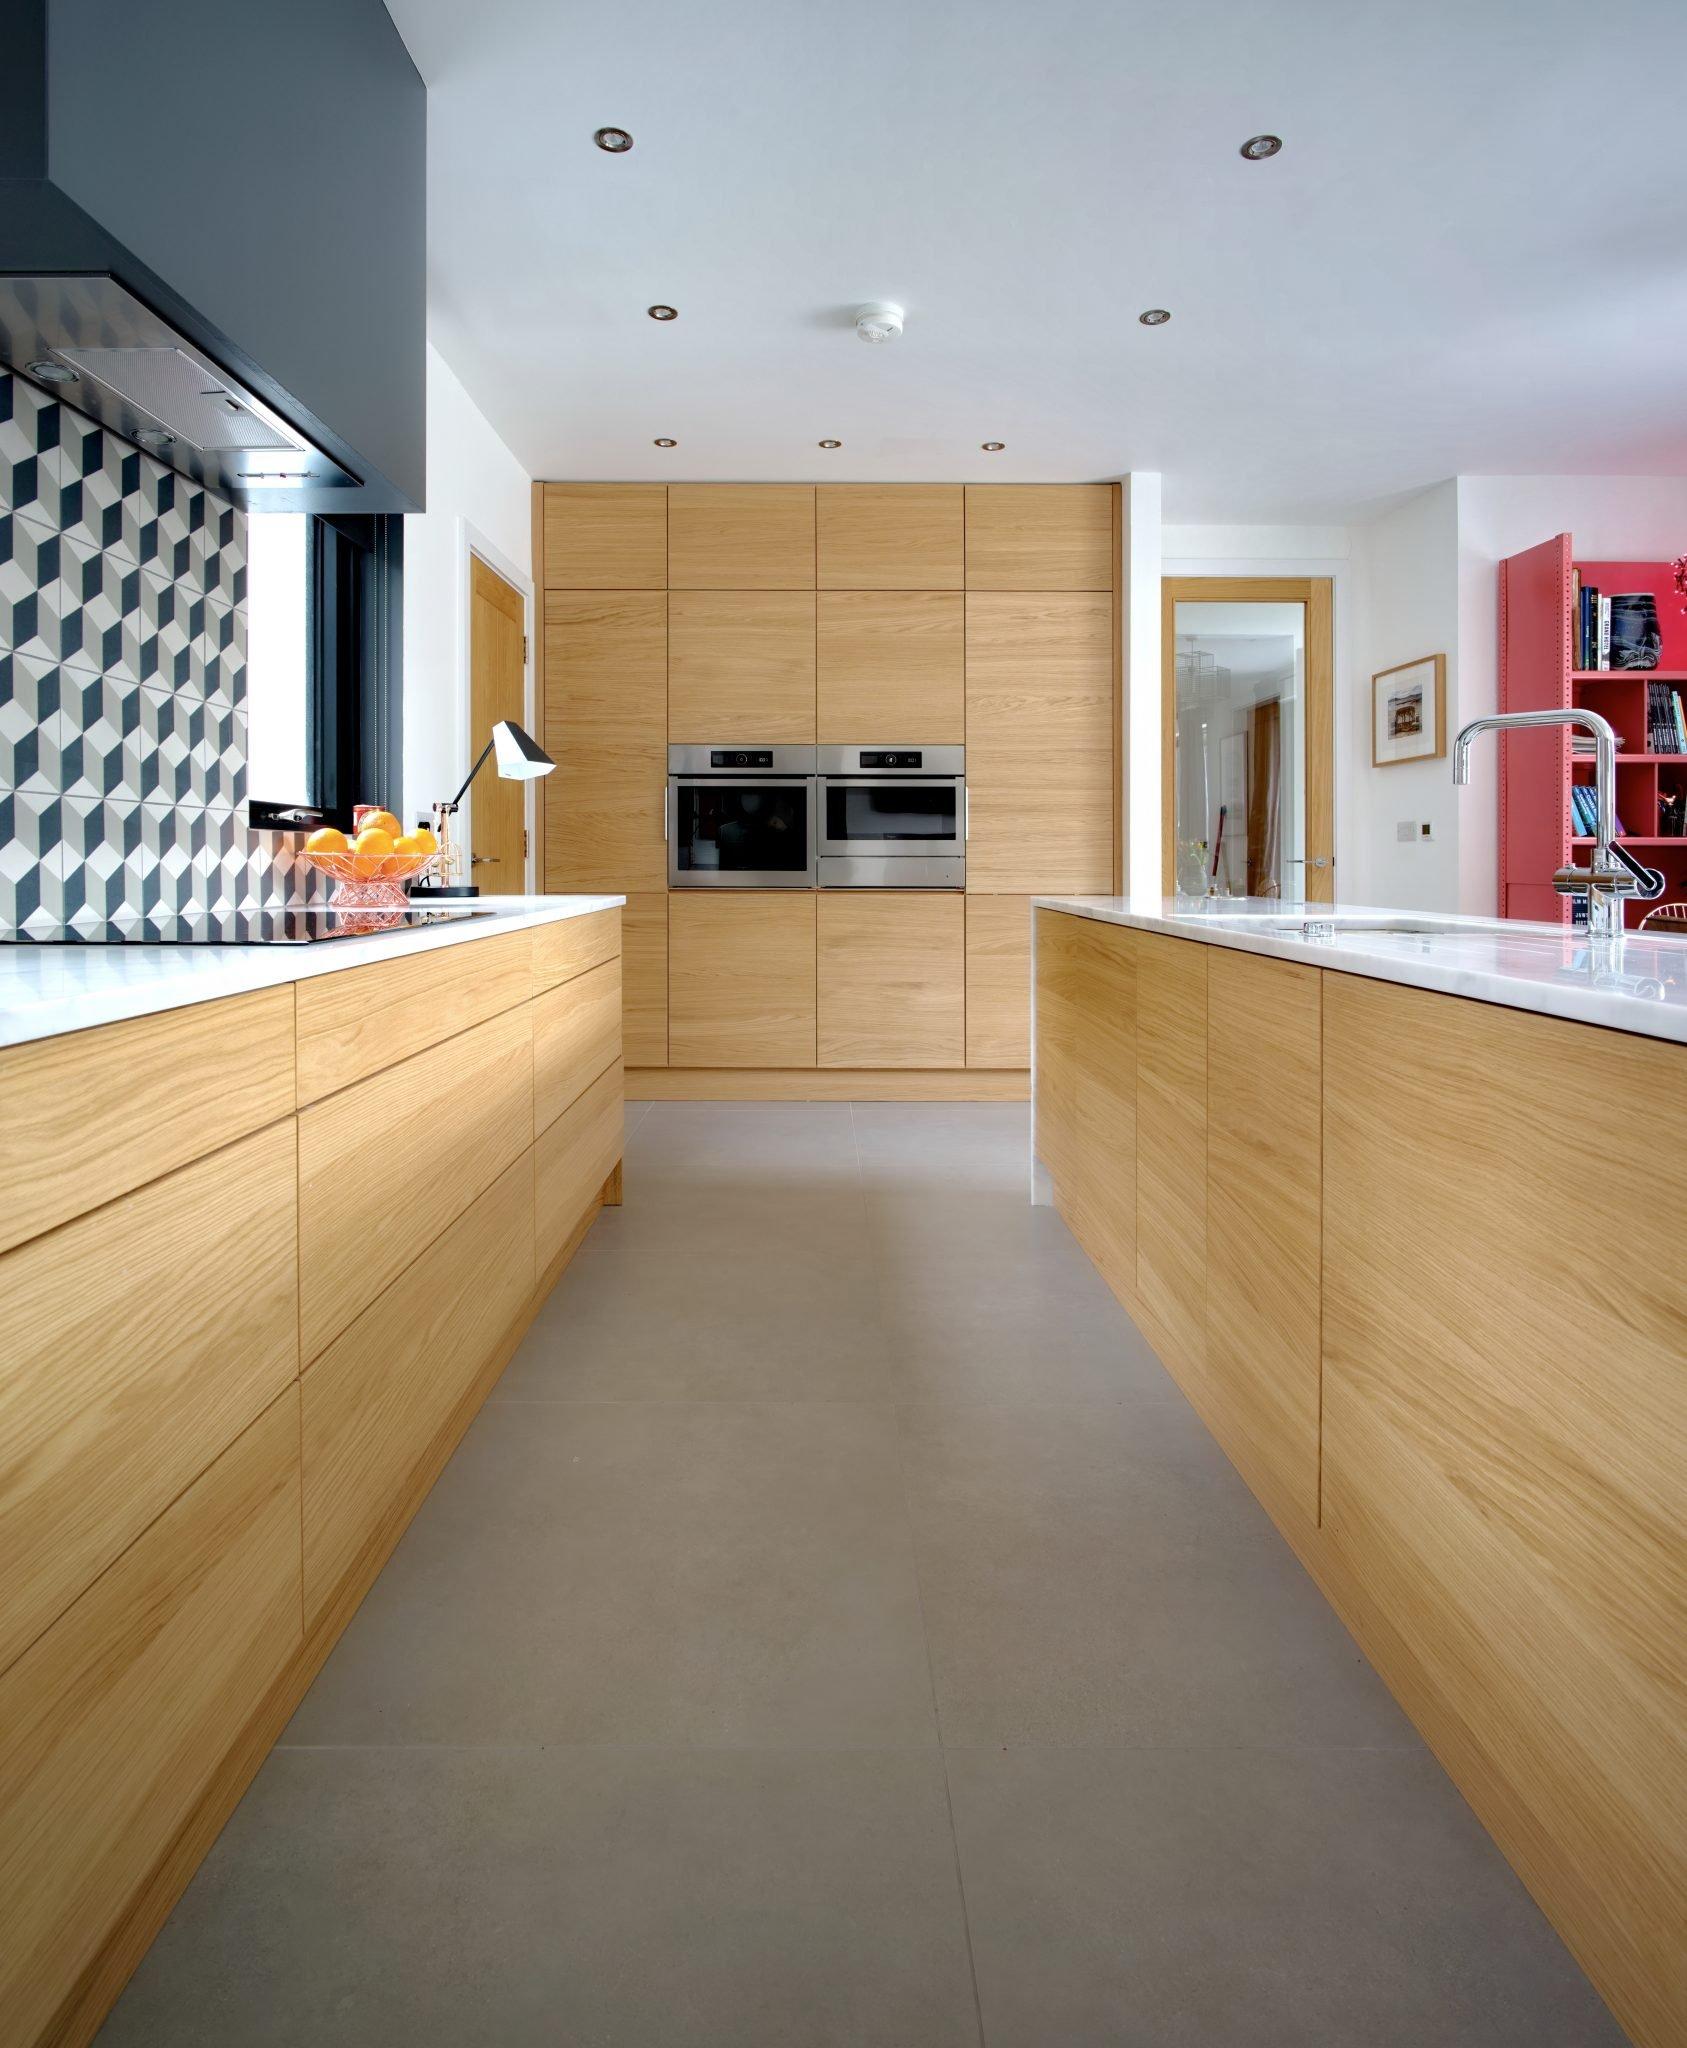 Kitchen-Adornas Kitchens-Kitchens Bangor-Kitchens Belfast-Kitchen showrooms bangor-Modern Kitchens-German Kitchens-©AdornasKitchens2017